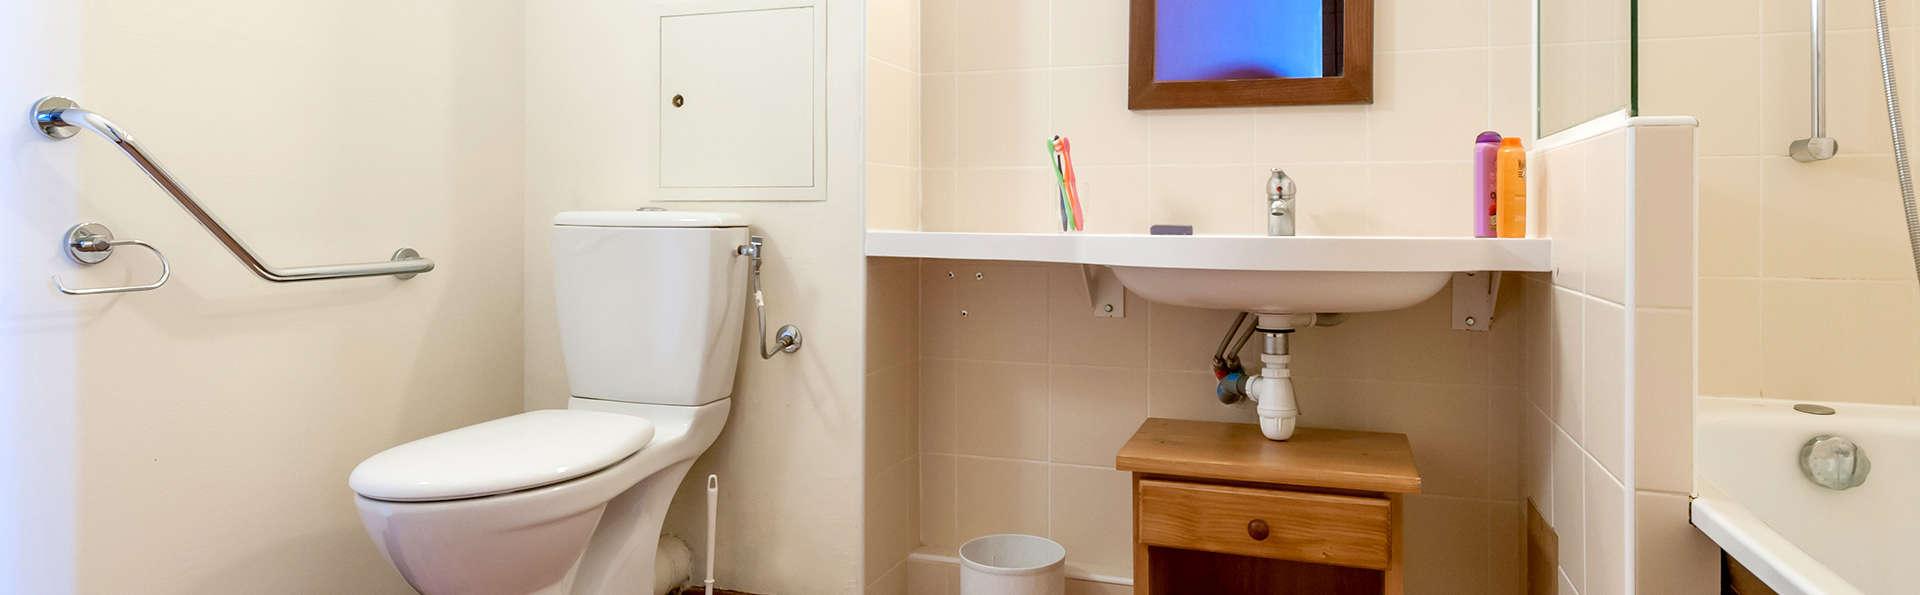 Pierre et Vacances Le Belmont - Edit_Bathroom2.jpg